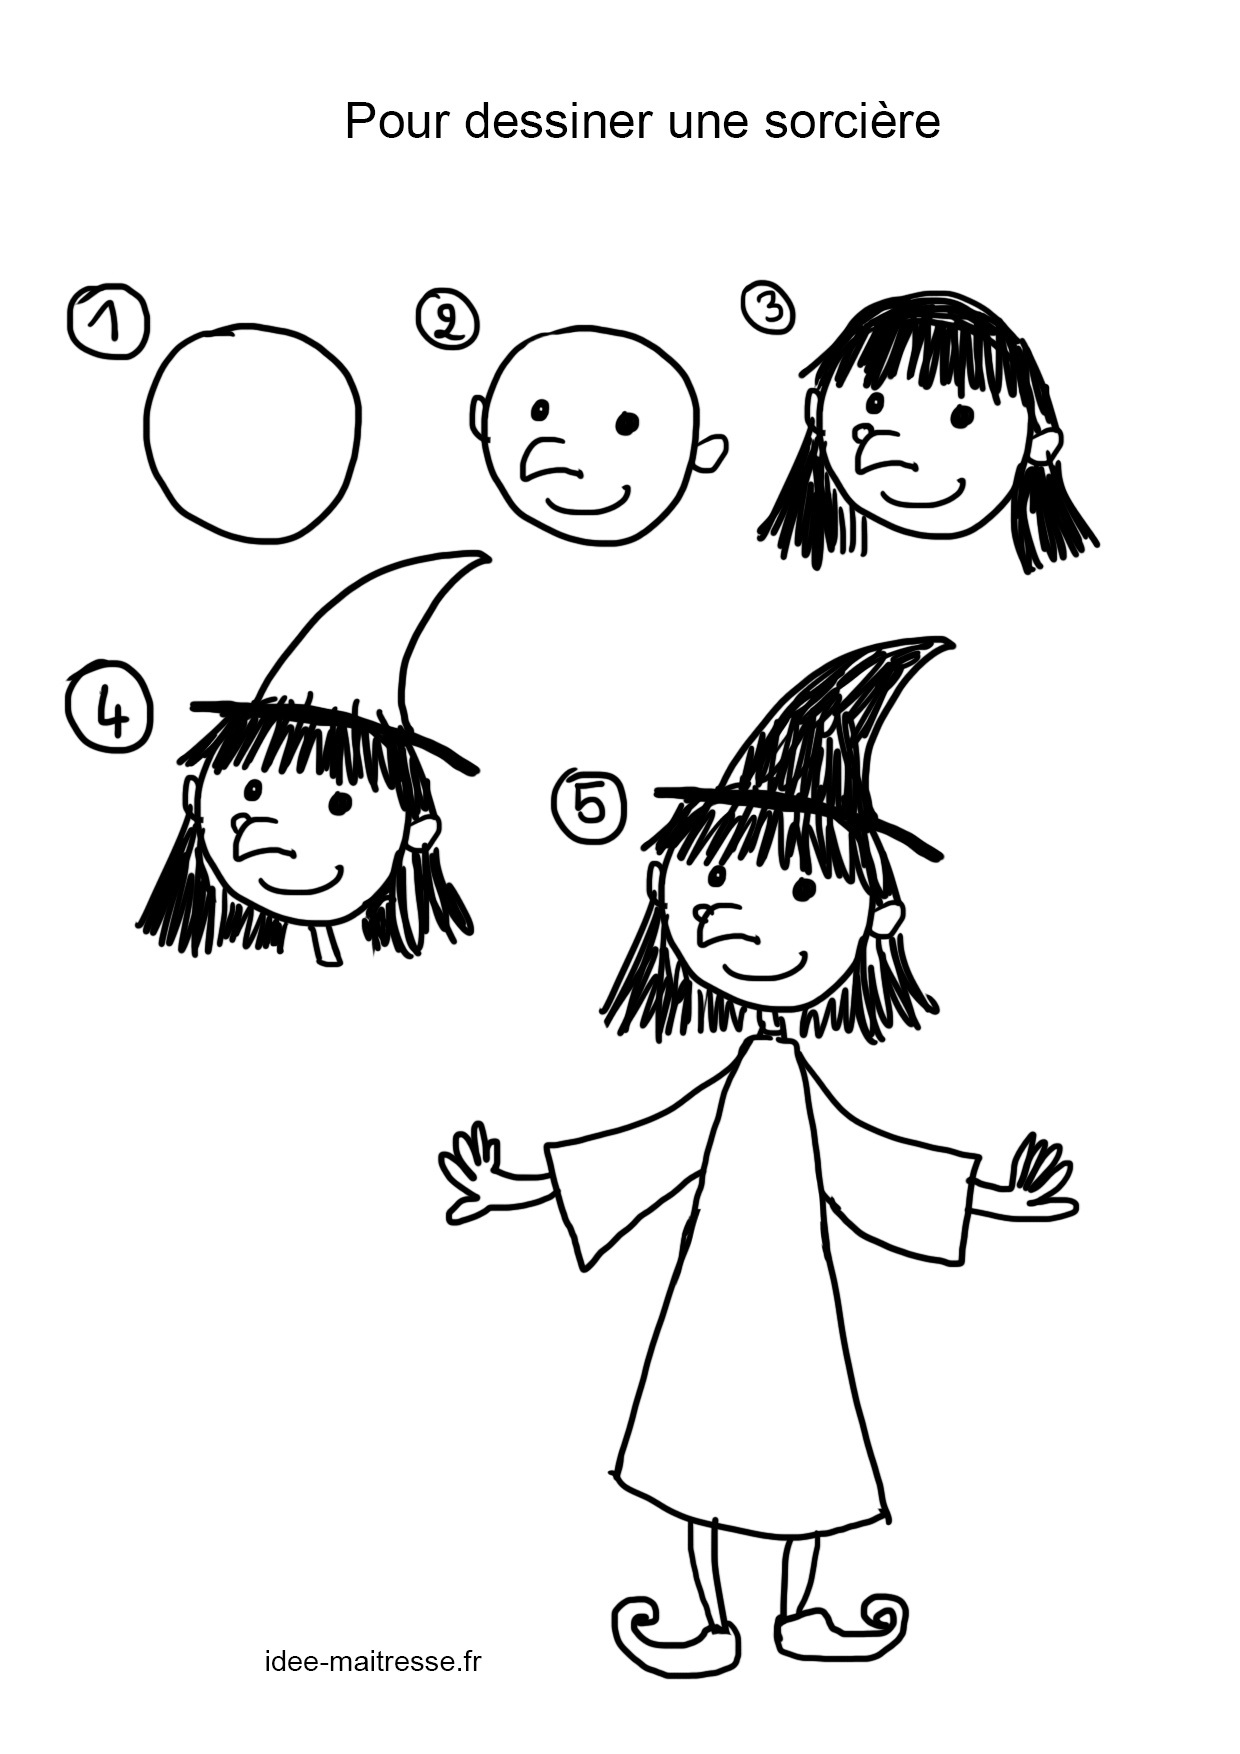 Les Enfants Ont Besoin Qu On Les Guide Pour Faire Evoluer Leurs Dessins Voici Un Guide Pour Apprendre A Dessiner Les Sorcieres Dessin Sorciere Corbeau Dessin